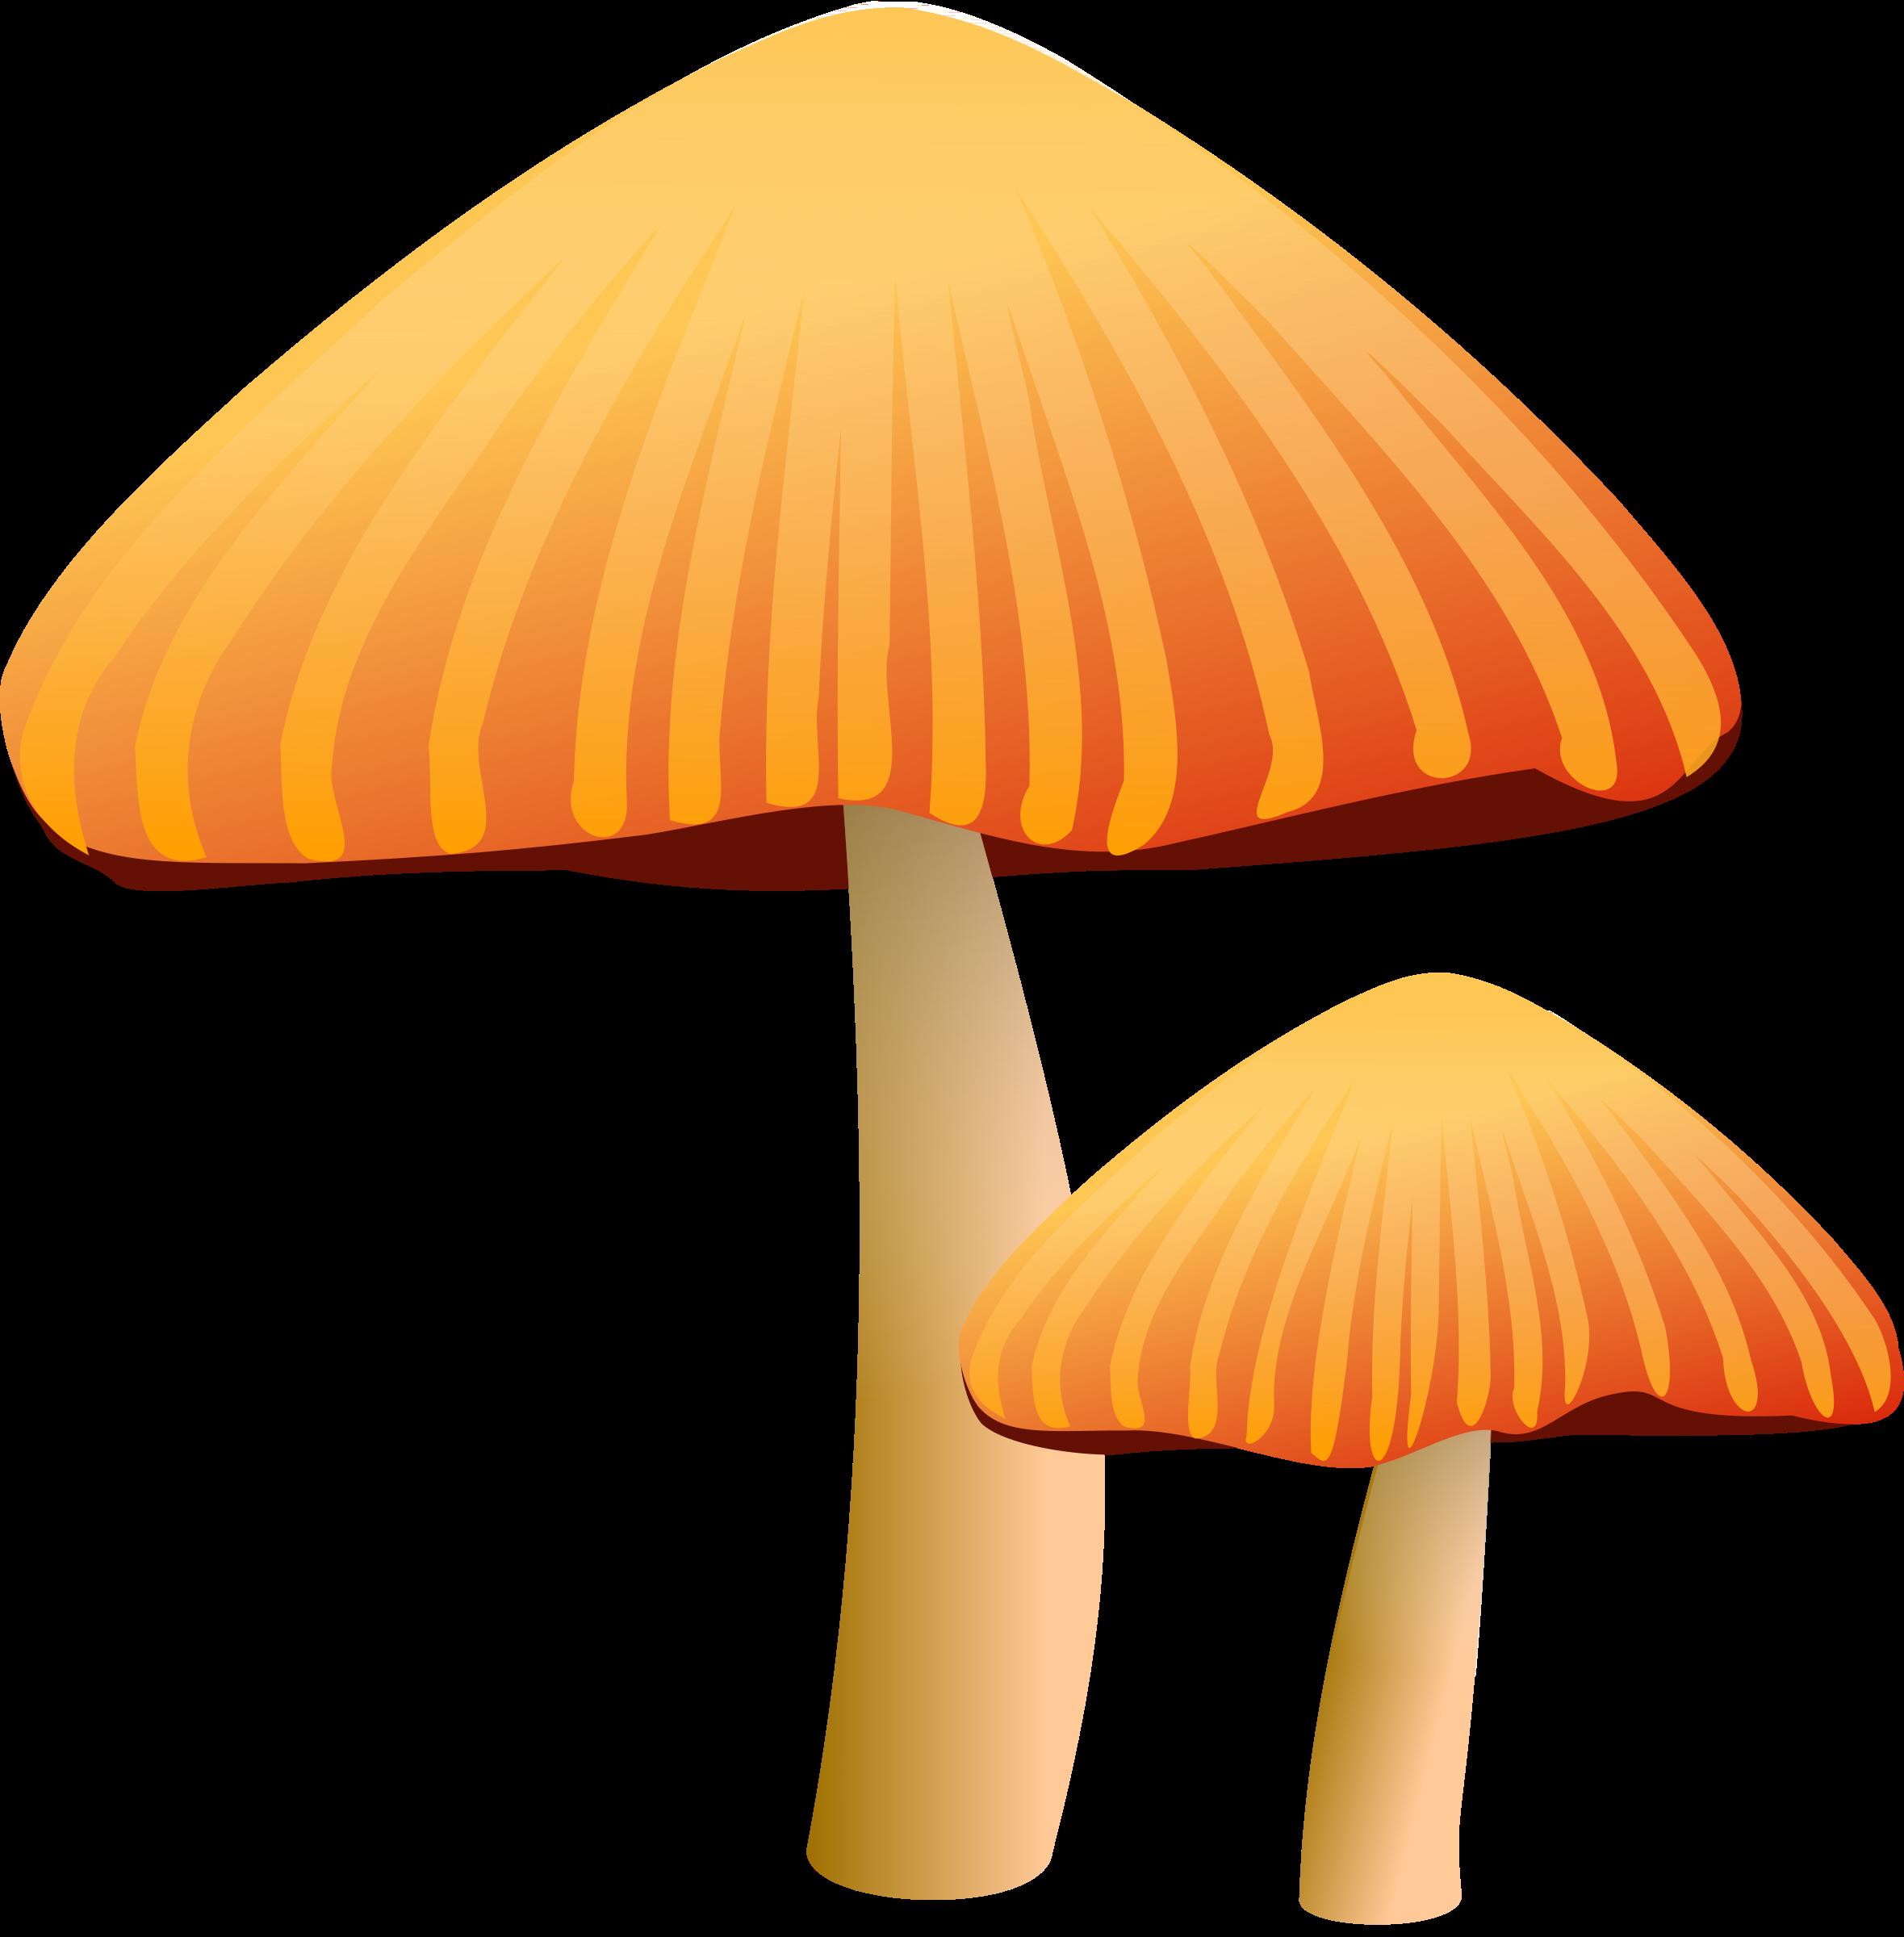 Orange mushroom big image. Mushrooms clipart outline